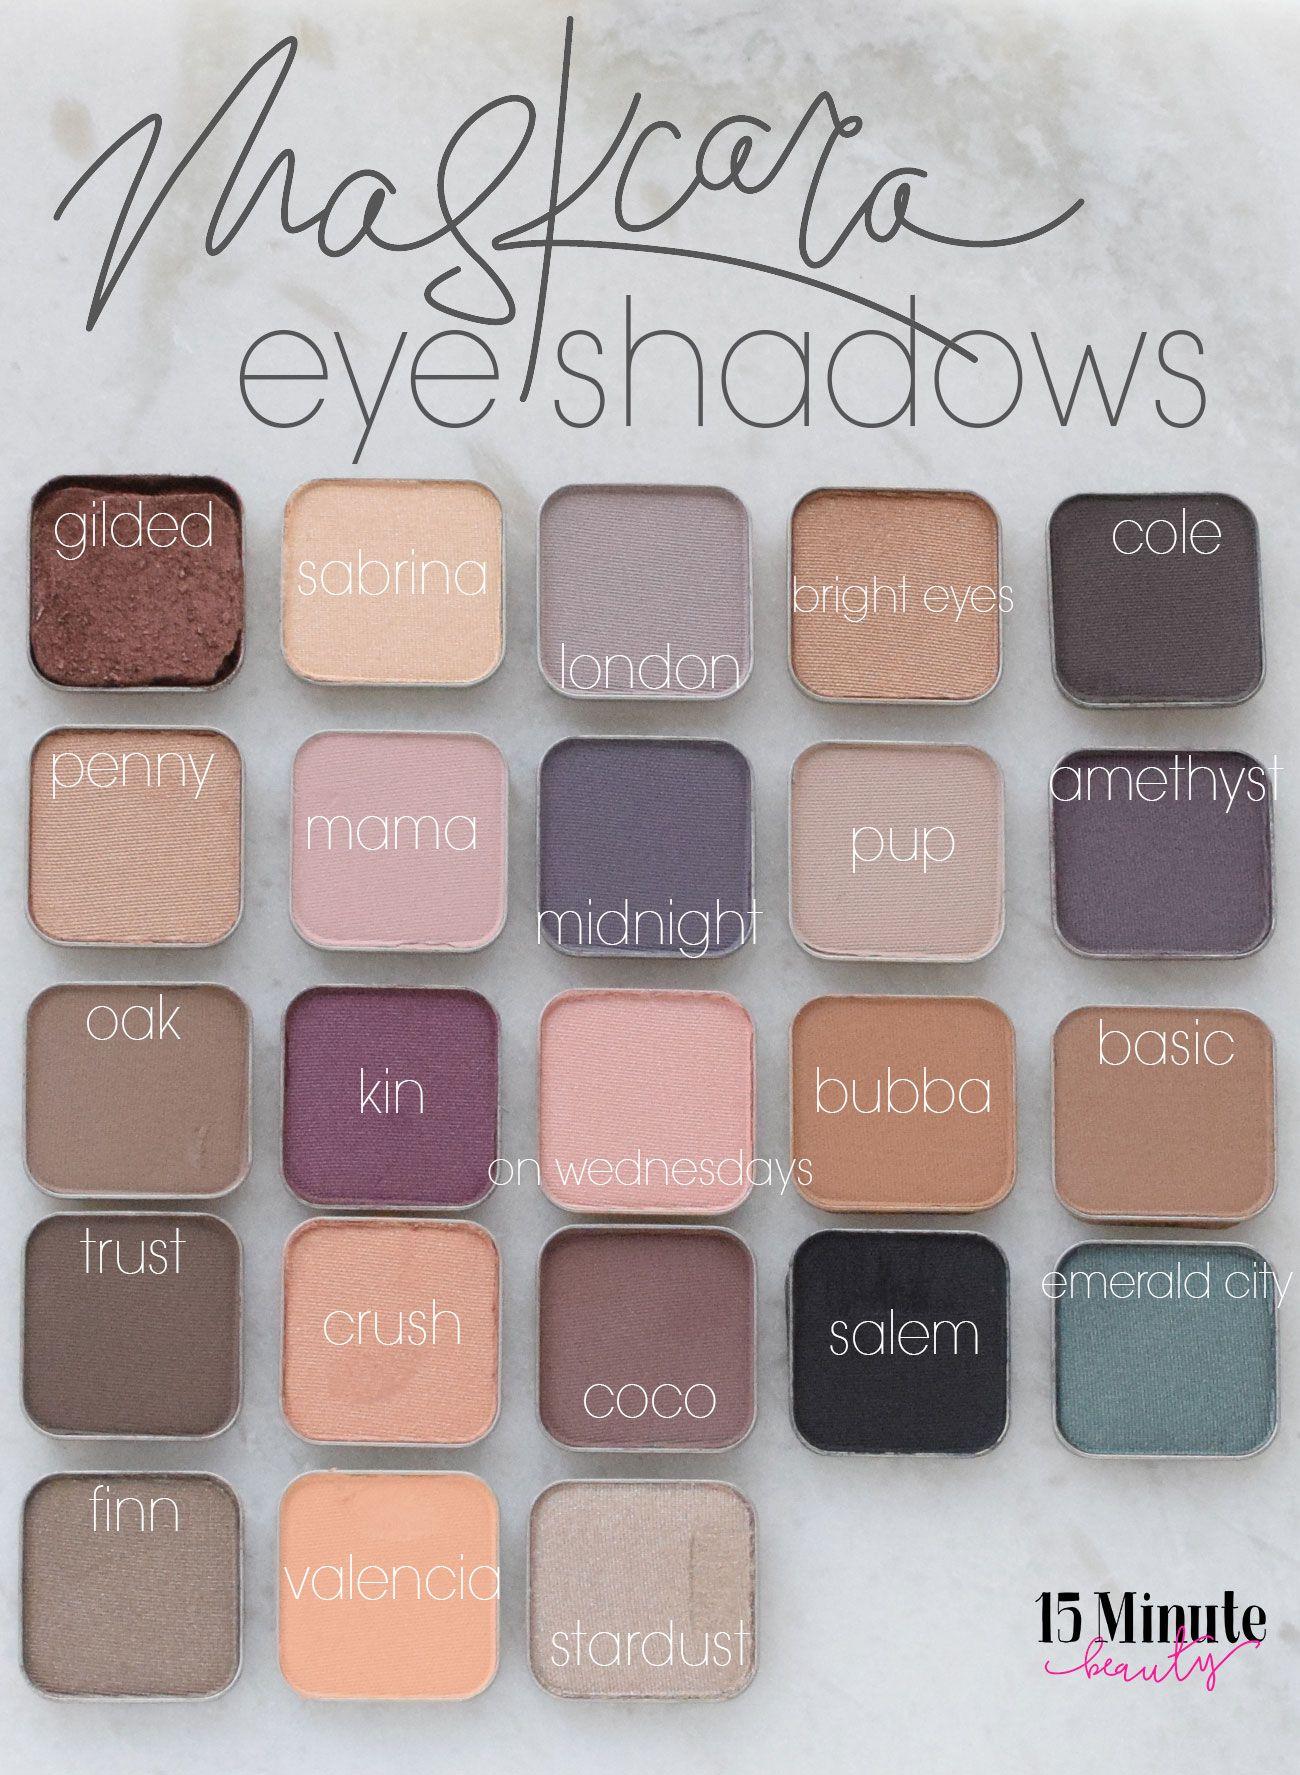 Maskcara Eyeshadow Review and Swatch Maskcara makeup